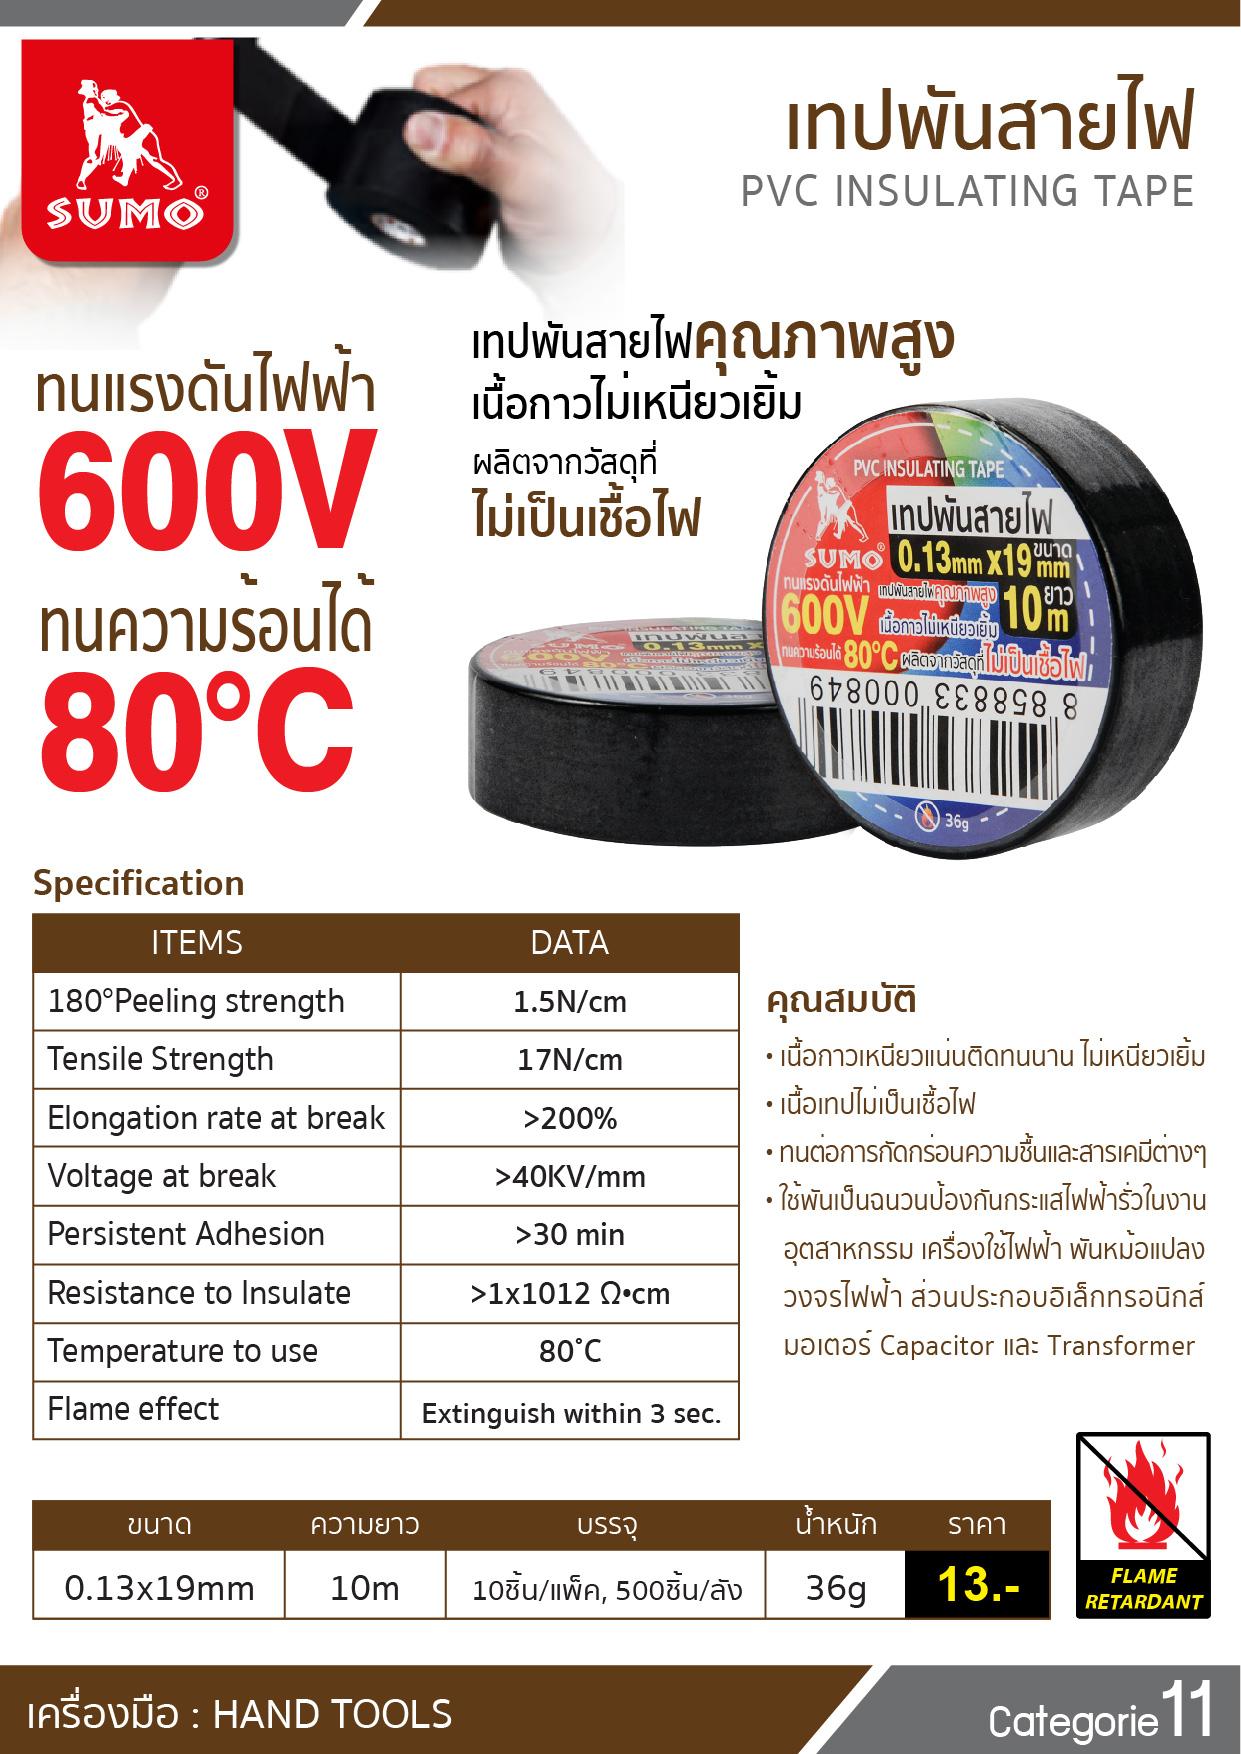 (2/3) เทปพันสายไฟ - PVC InsulatingTape